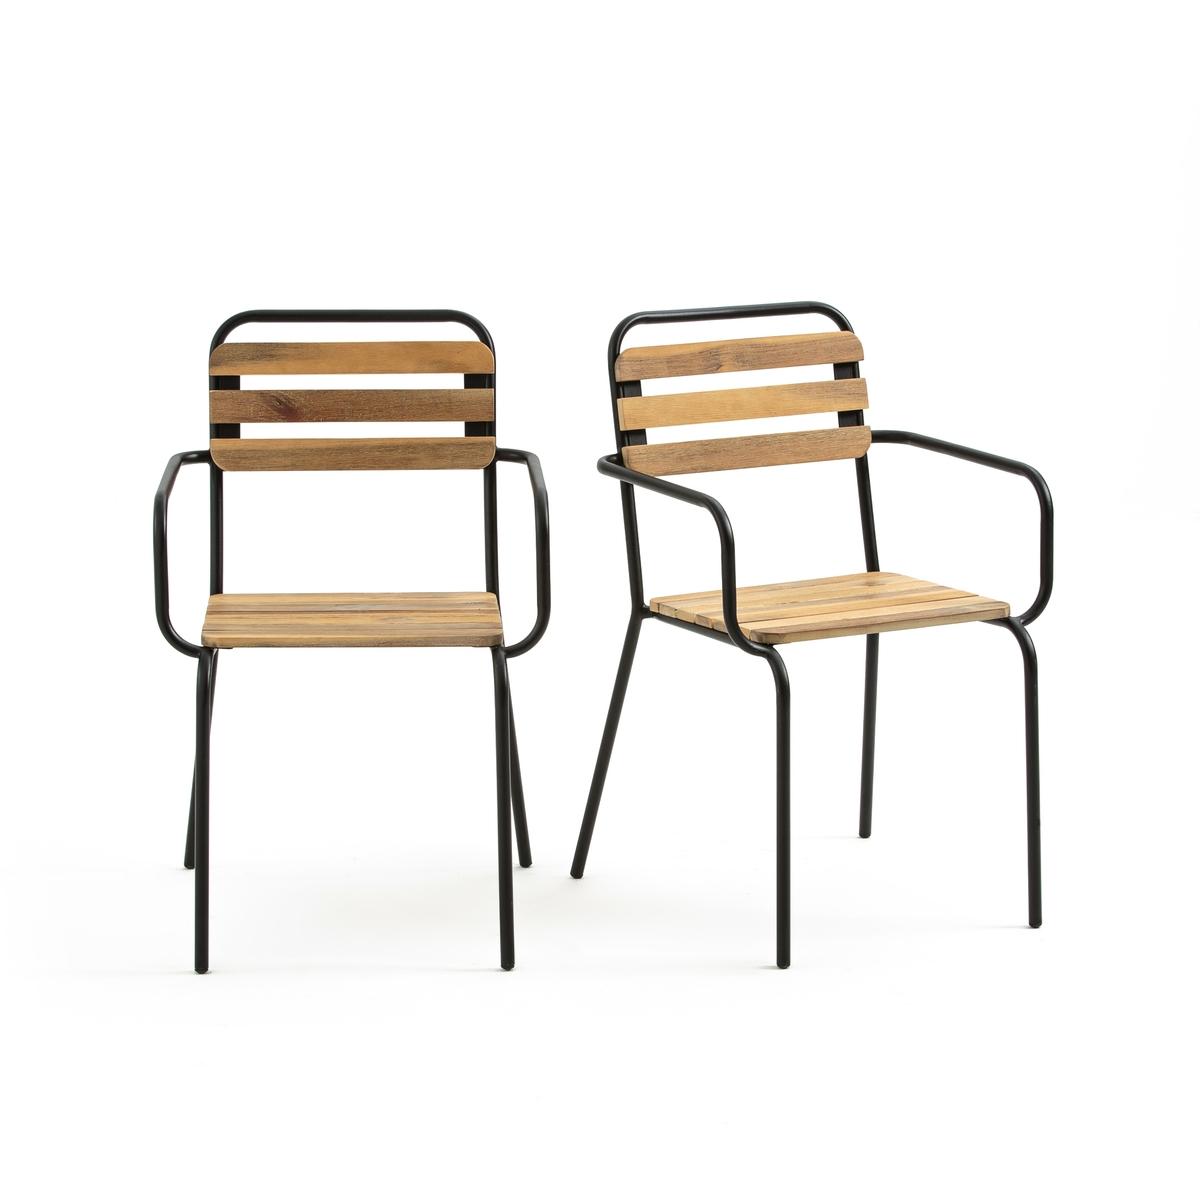 Комплект из 2 кресел для сада Dexoto2 кресла для сада Dexoto. Сидень и спинка из реек на каркасе из металла, окрашенного черной краской, напоминающей школьные кресла, для винтажной нотки для вашего сада.       Характеристики комплекта из 2 кресел для сада Dexoto :   Каркас из металла, покрытого эпоксидной краской   Рейки сиденья и спинки из отбеленной акации, покрытие нитролаком      Качество   Акация - дерево, обладающие хорошими механическими свойствами такими, как прочность (хорошая стойкость к насекомым и грибкам) и устойчивость (сочетание сухих и влажных периодов).      Размеры комплекта из 2 кресел для сада Dexoto :   Ширина : 54 см   Высота : 84 см   Глубина : 57 см   Сиденье : Ш.41,5 x В.45,5 x Г.36 см      Размеры и вес упаковки :      1 упаковка   56 x 97 x 64 см   12,5 кг    Доставка :<br><br>Цвет: дерево/металл